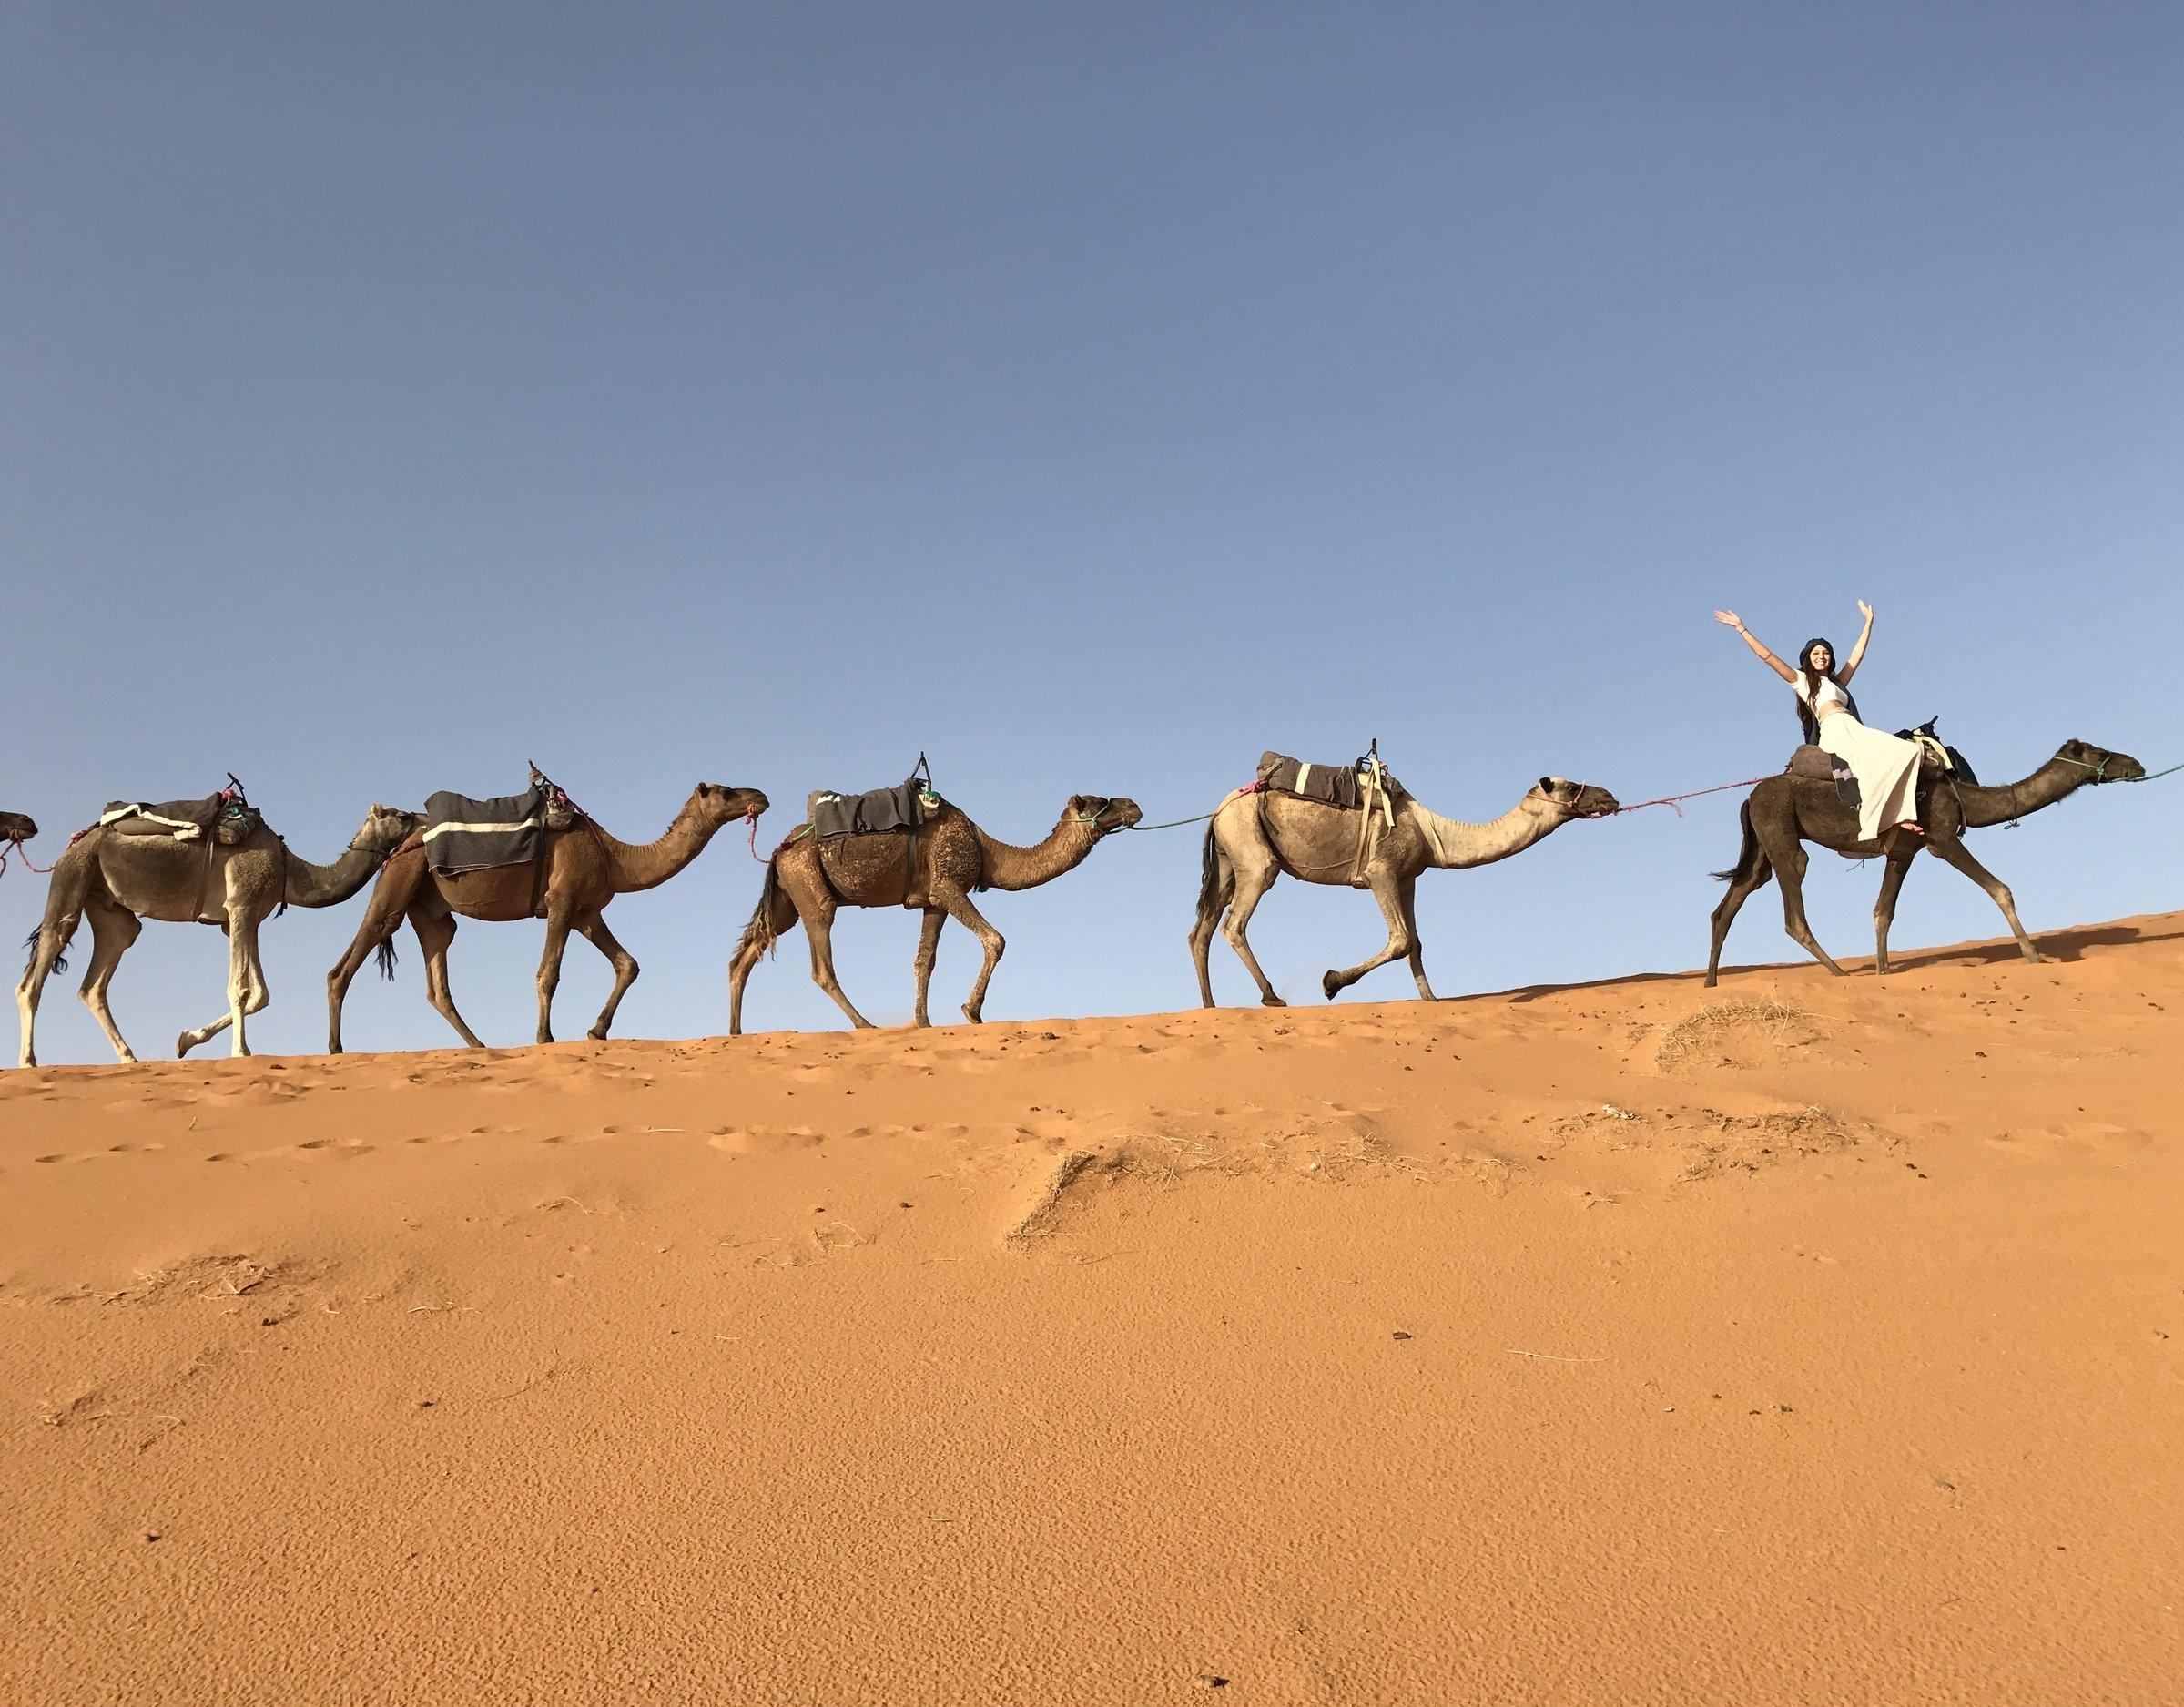 Camel Ride through the Sahara Desert, Merzouga Morocco